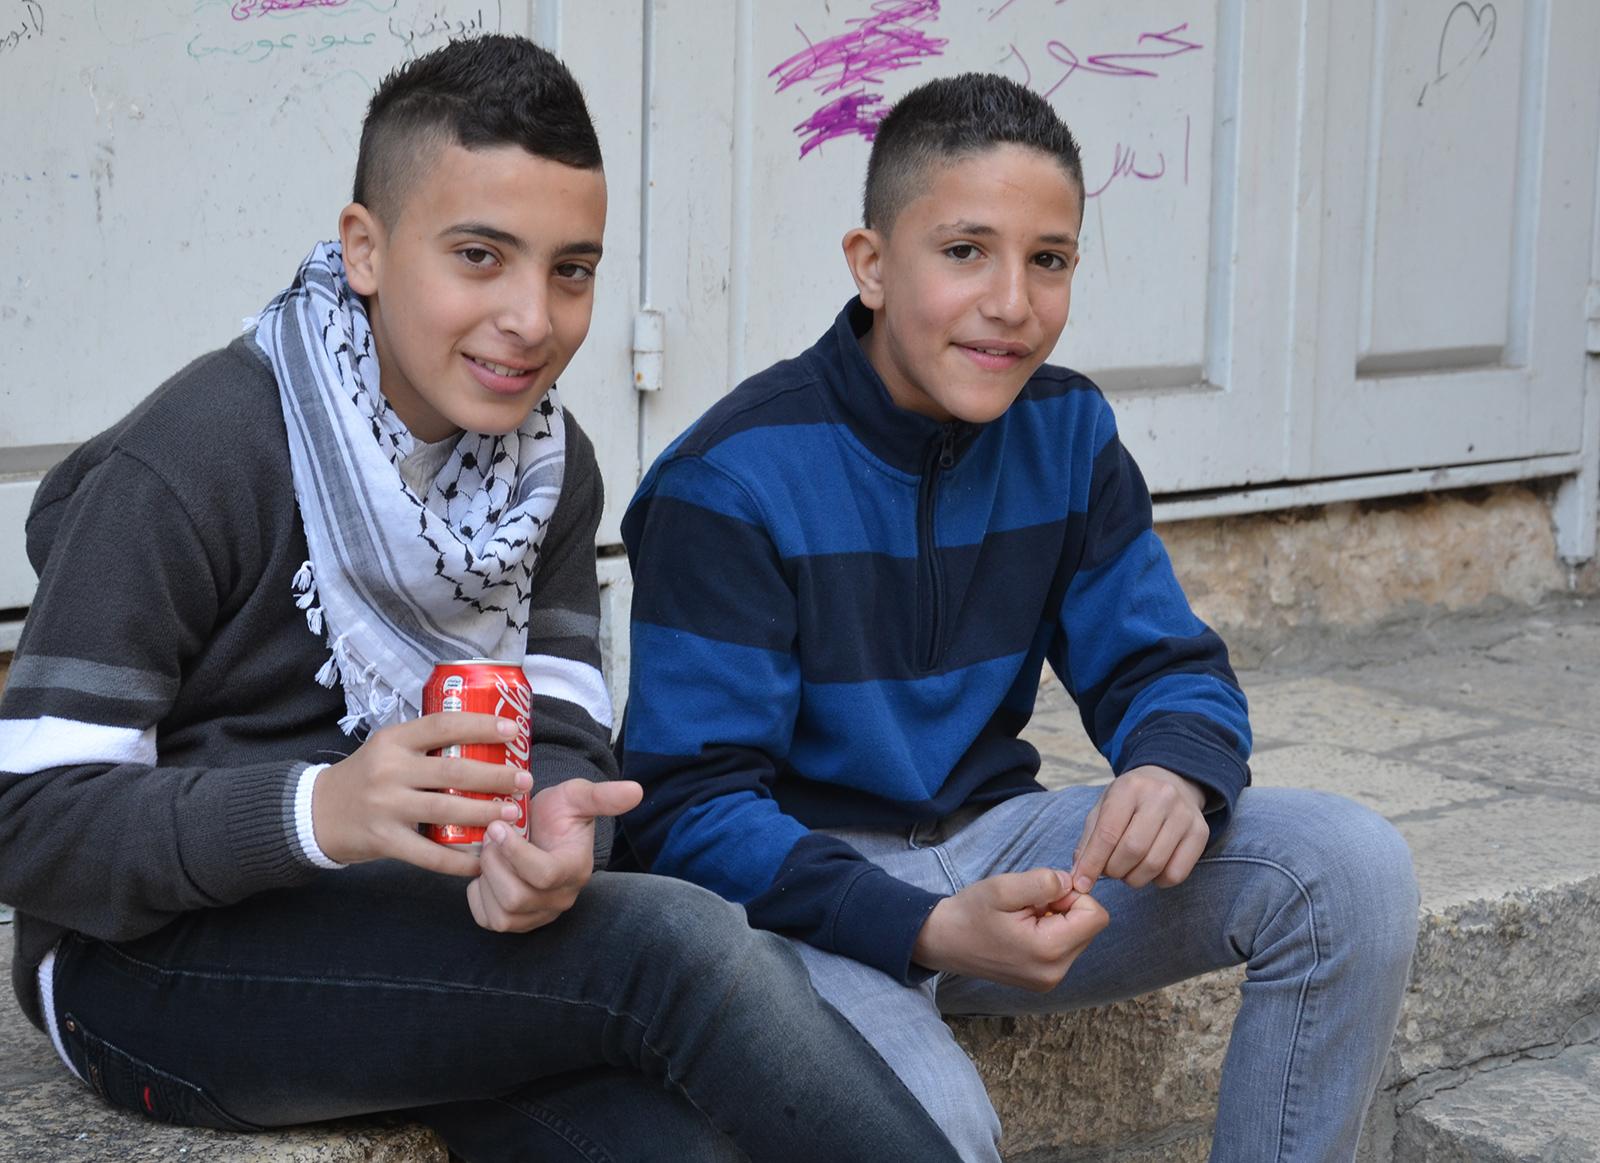 arabští kluci kdesi v Jeruzalémských uličkách, Izrael